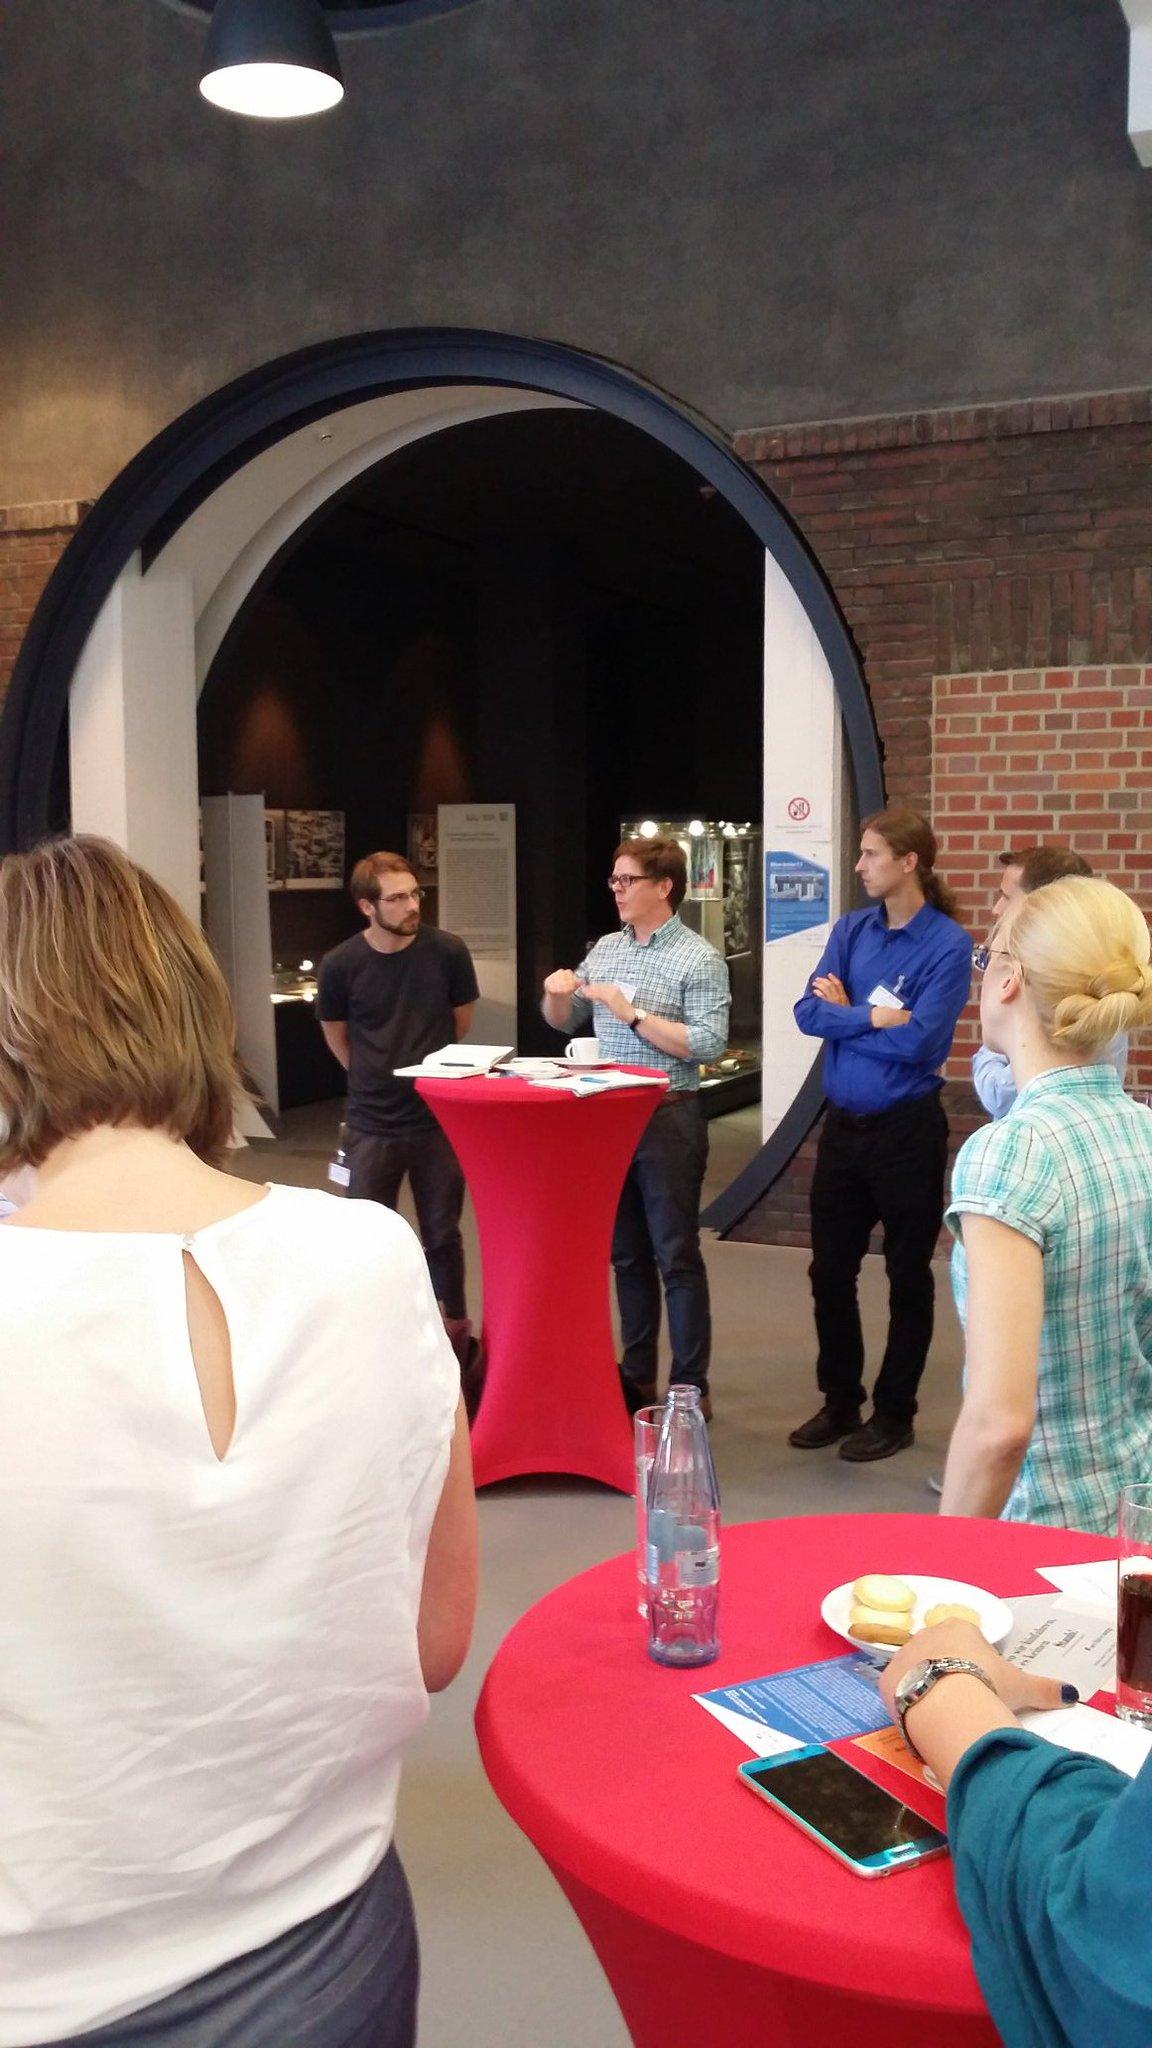 Auch die @KoerberBildung -Stiftung ist da beim #archivcamp ,  ebenso übrigens das @itsarolsen mit @NilSonJaDe https://t.co/ykF1BHtNCE